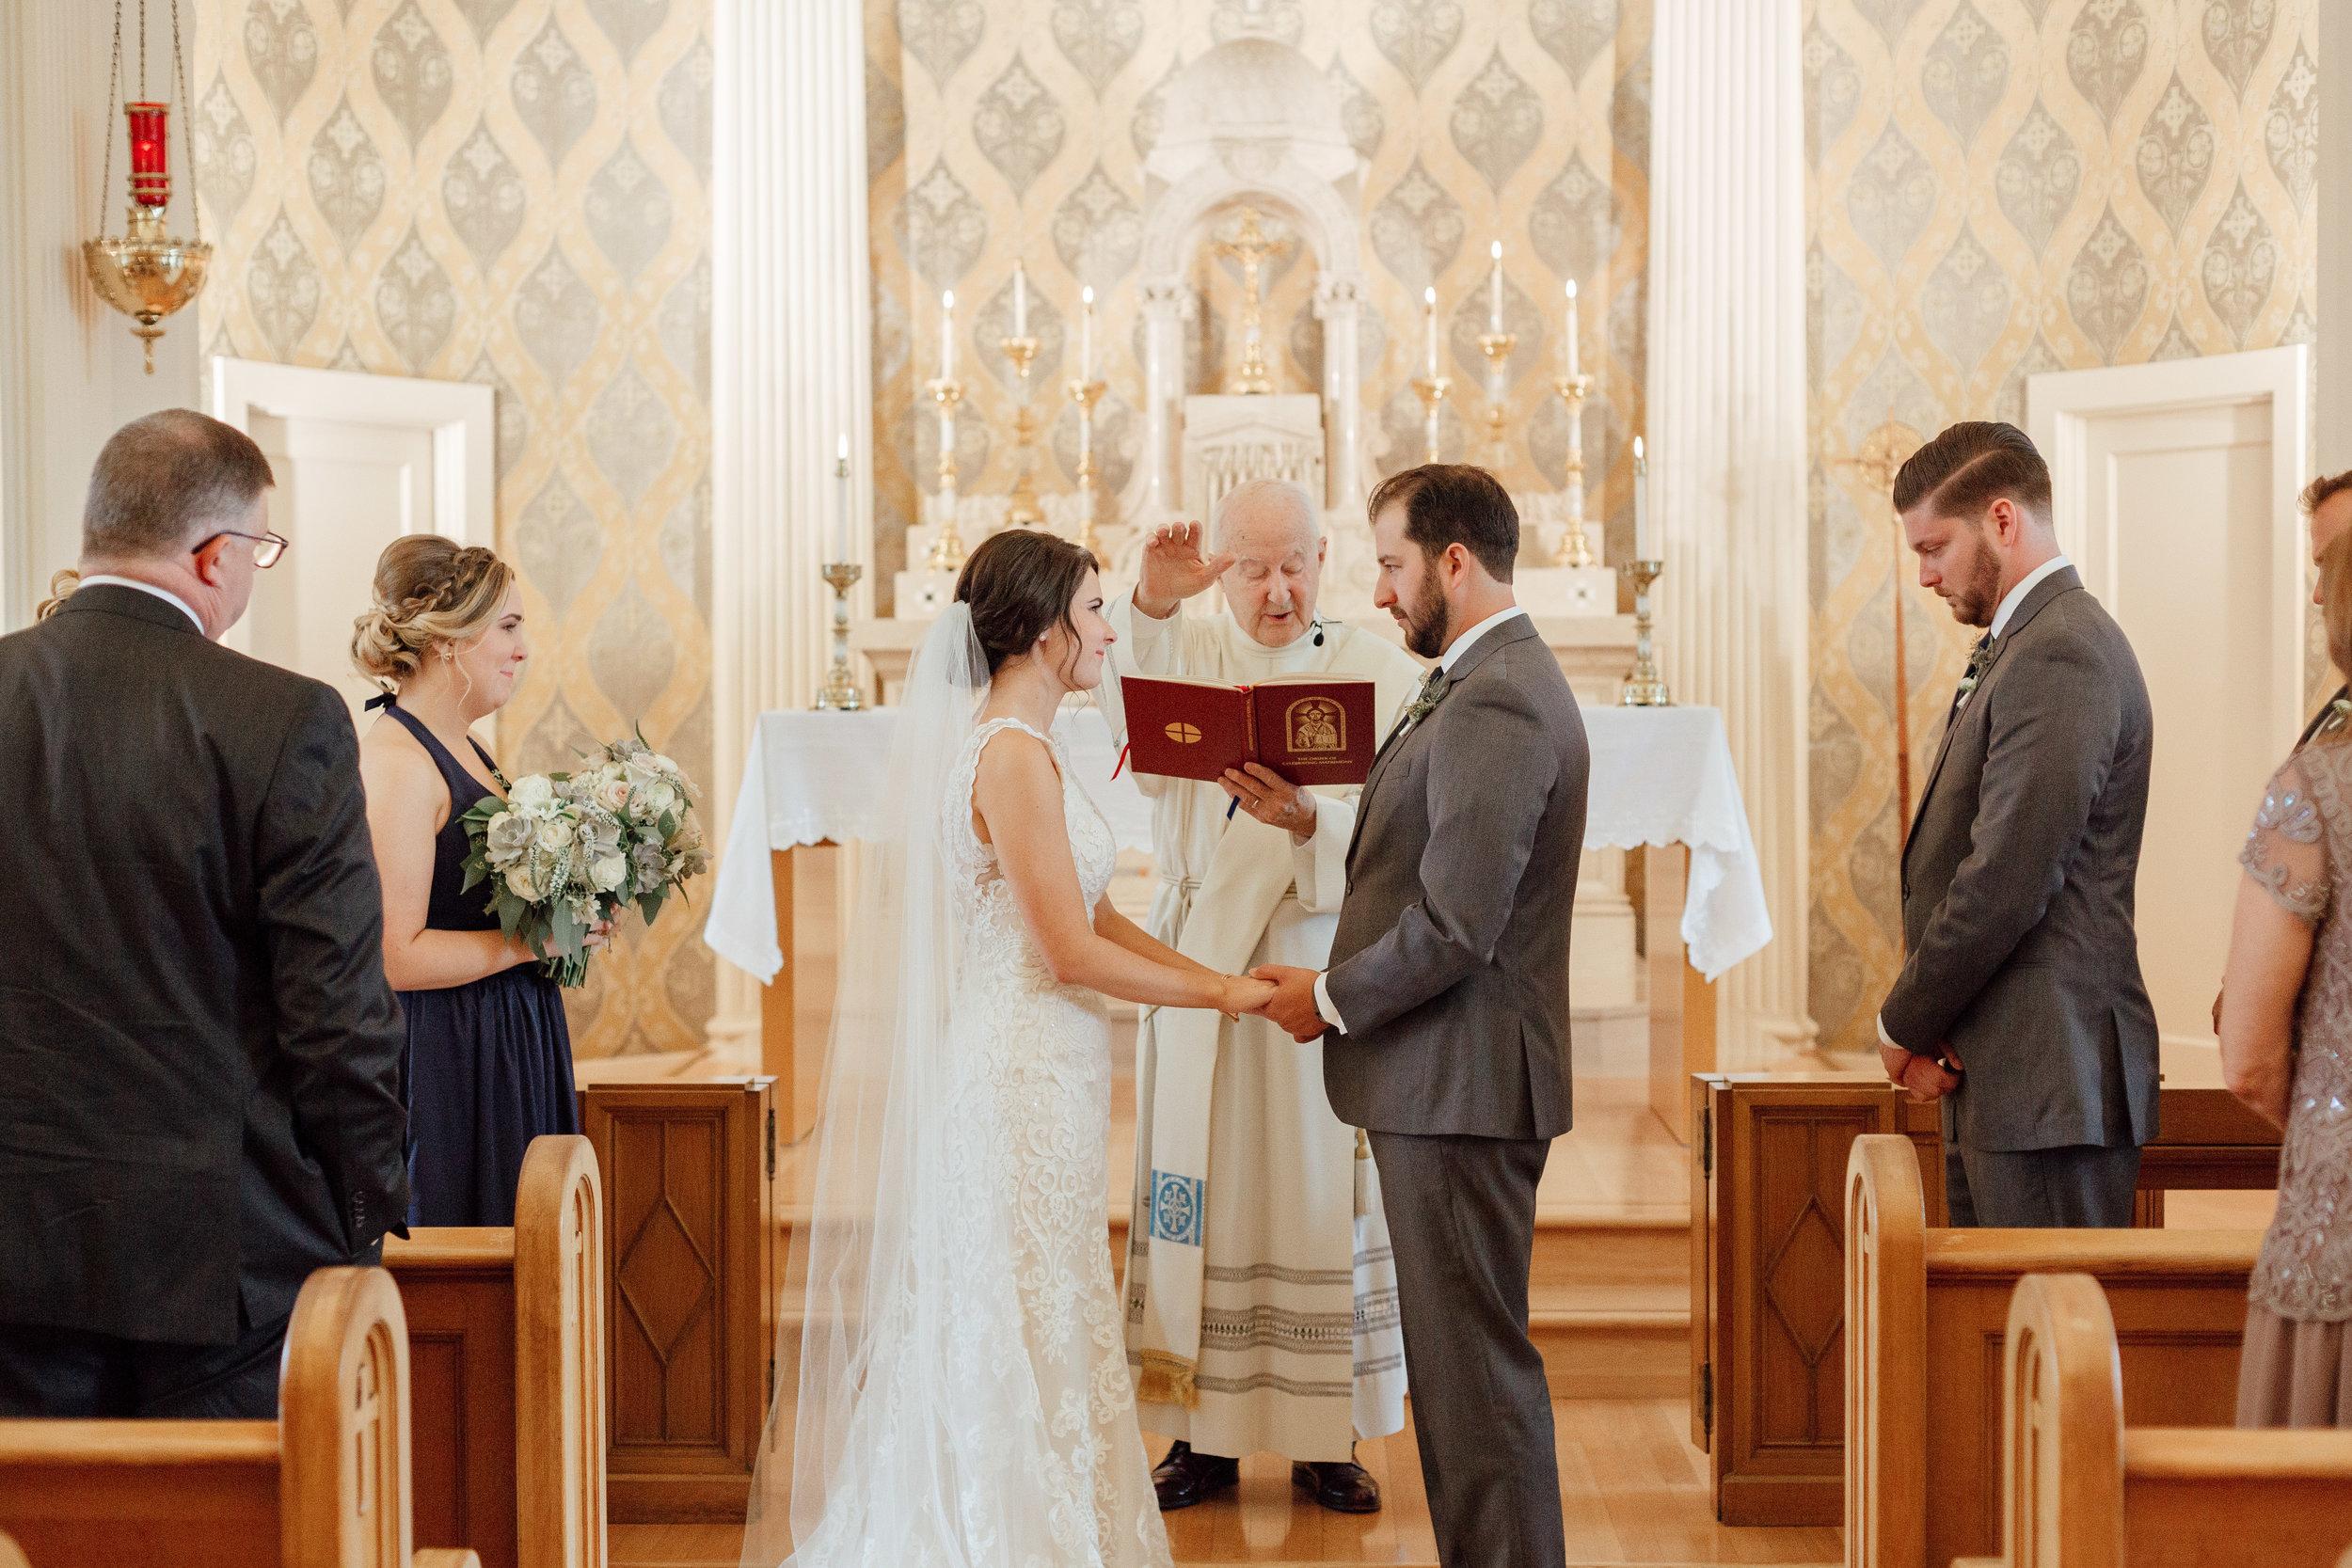 Lizzie&Chasen-Ceremony-184.jpg